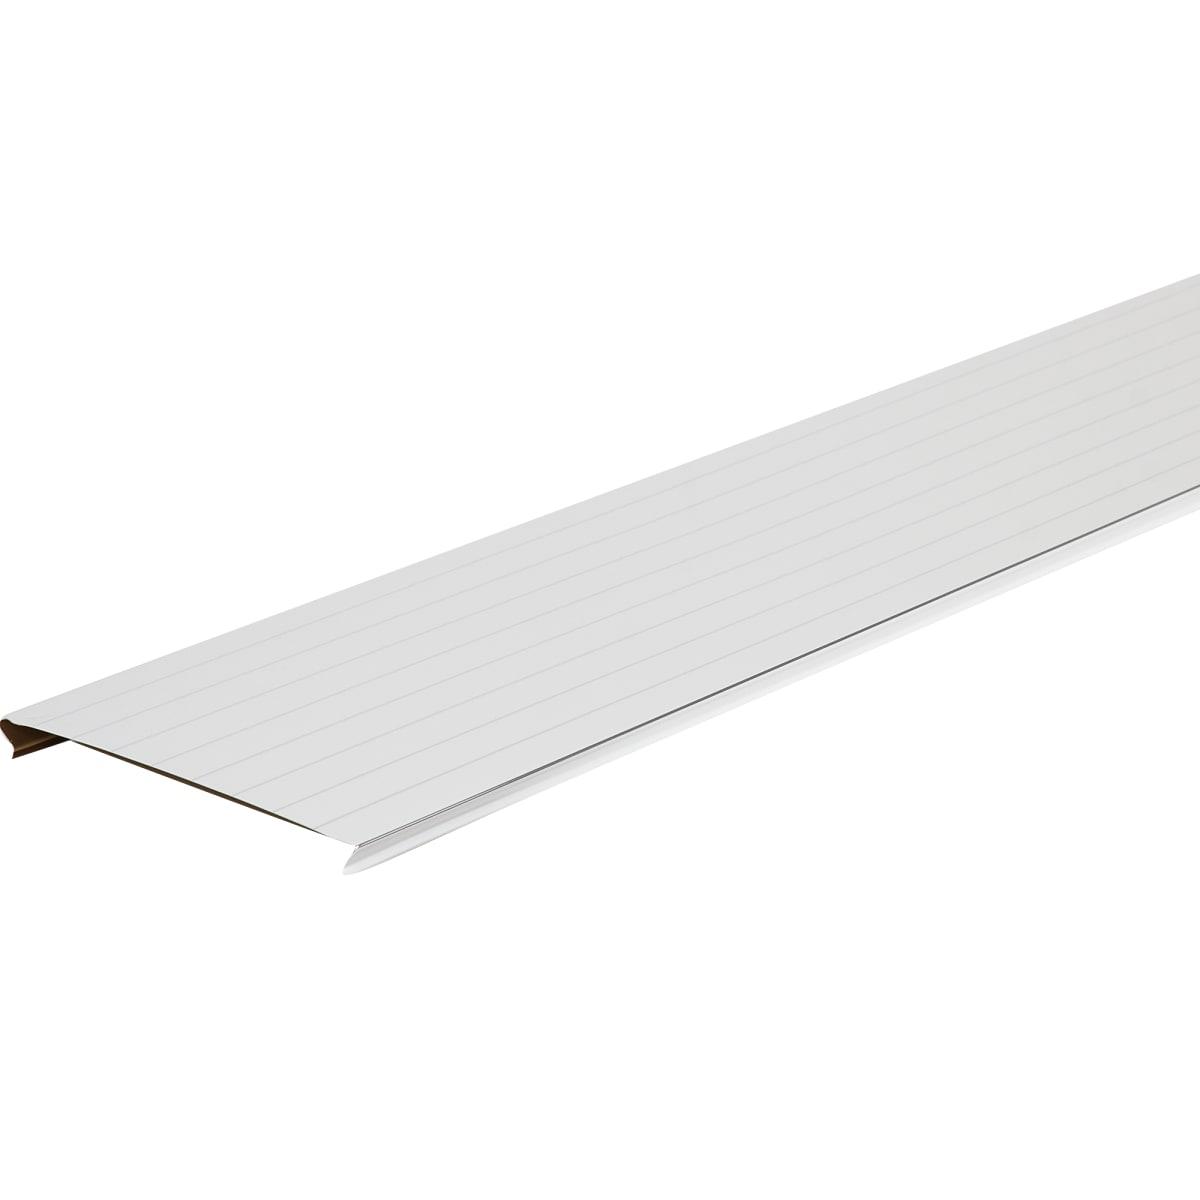 Набор реек Artens 2х1.05 м цвет жемчужно-белый с металлической полосой